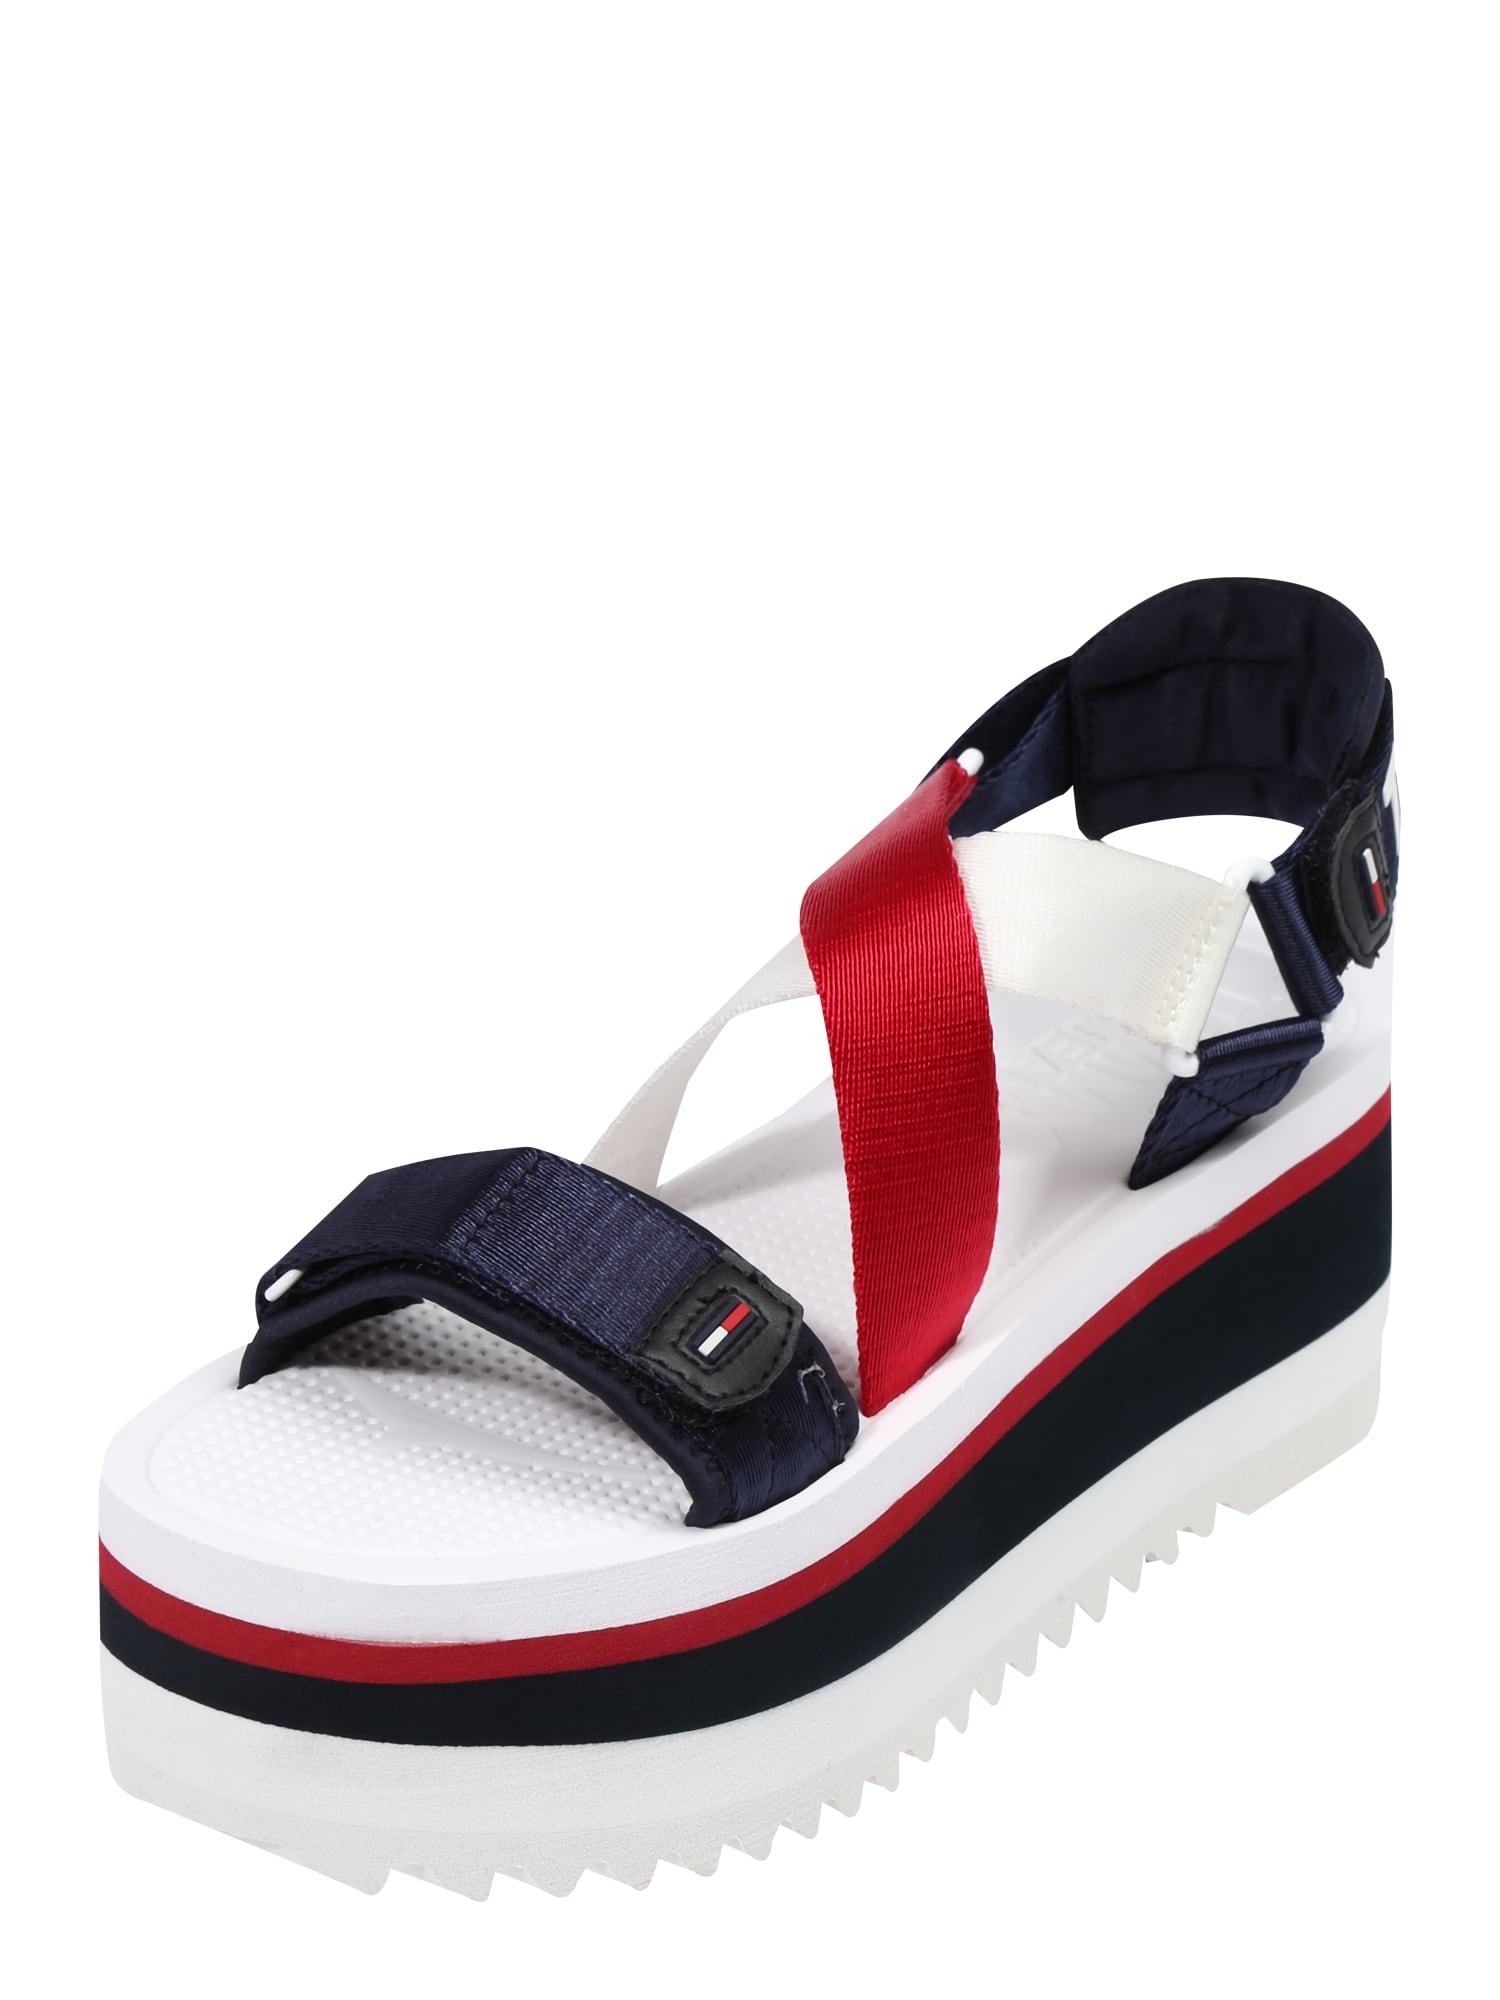 Páskové sandály COLETTE modrá červená bílá Tommy Jeans